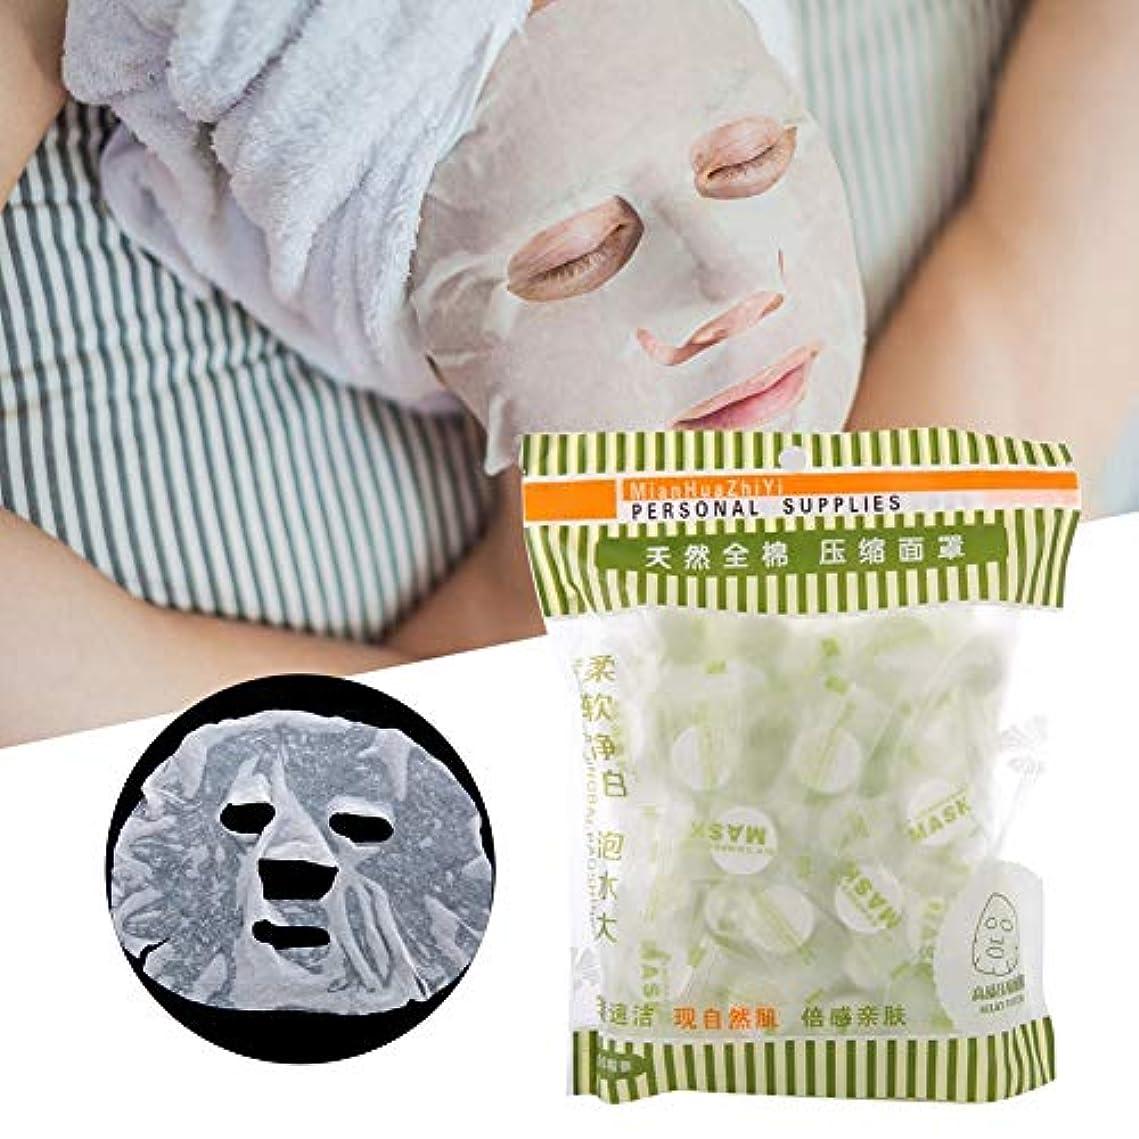 しがみつく策定するリレー100ピース/袋使い捨てフェイシャルマスク不織布圧縮、フェイスマスクDIYフェイシャルマスク